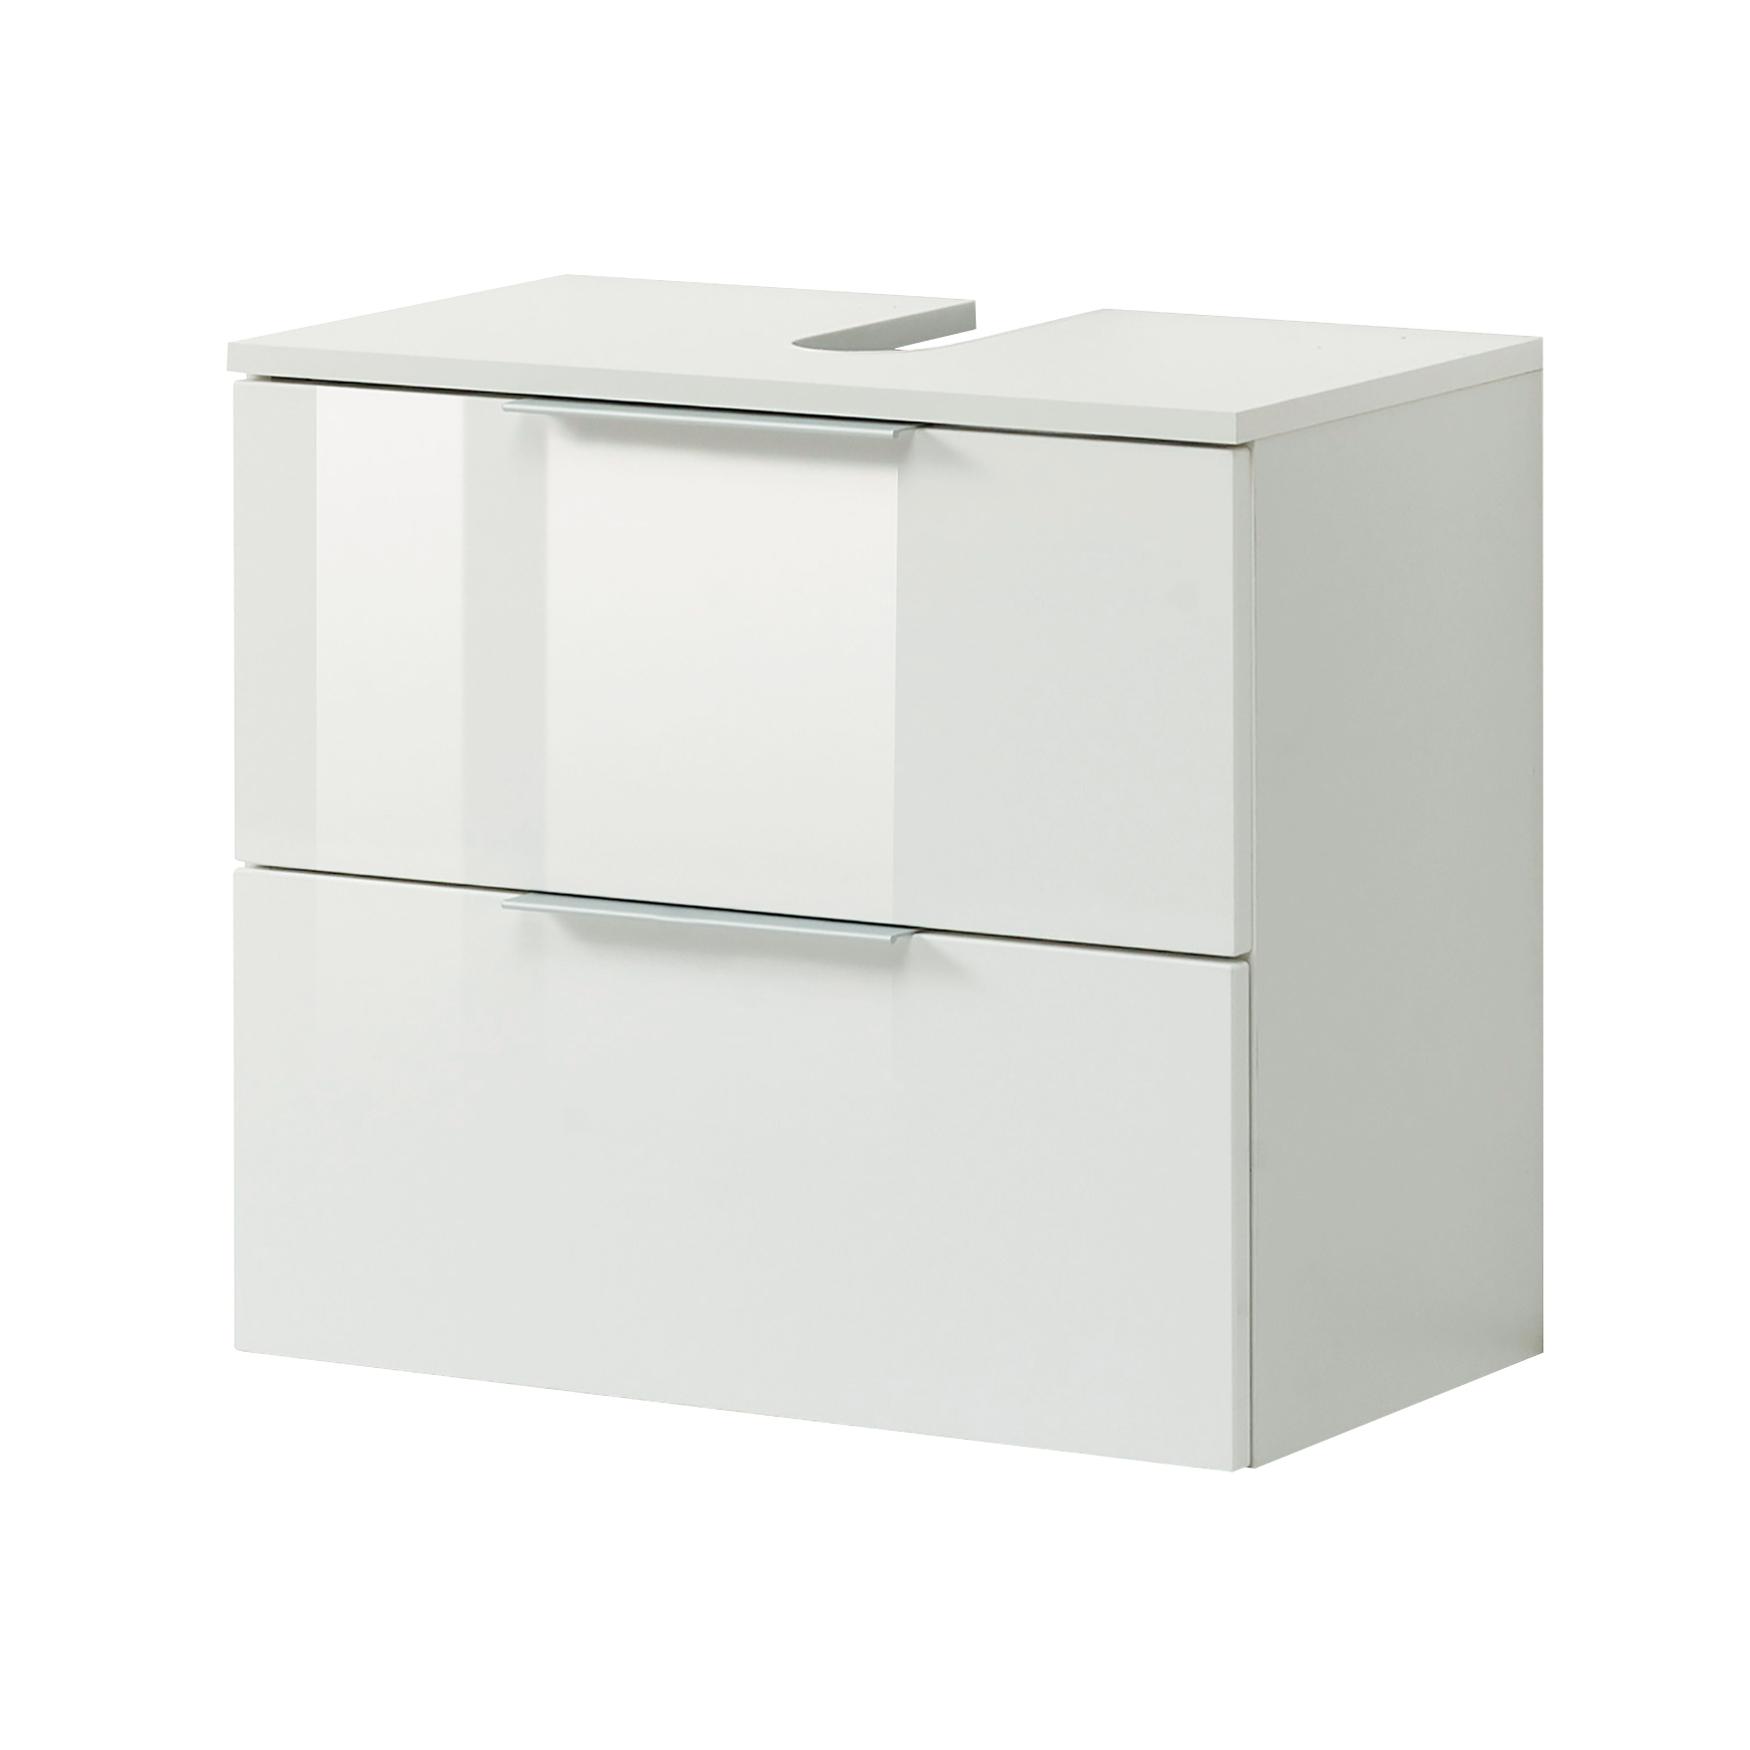 bad waschbeckenunterschrank ravello 1 klappe 1 auszug 60 cm breit wei bad. Black Bedroom Furniture Sets. Home Design Ideas